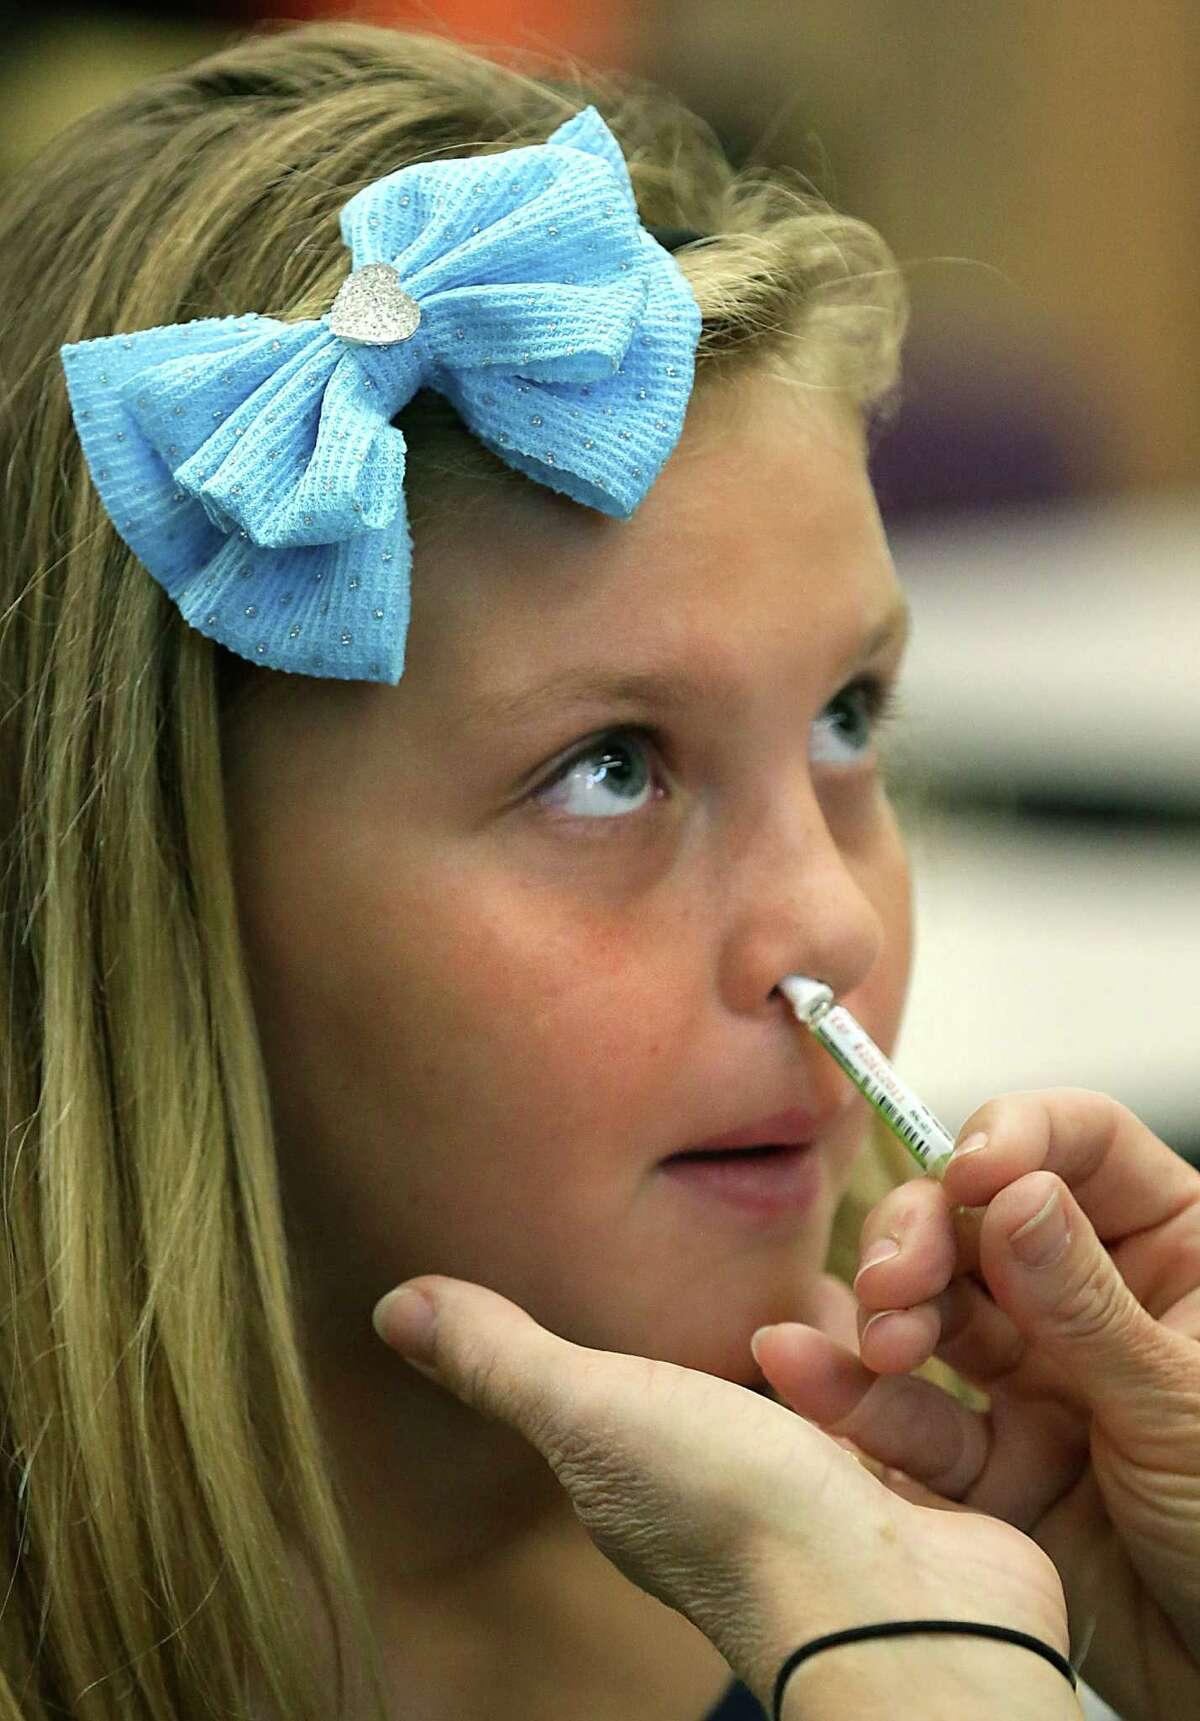 Fourth-grader Breanna Murphy of Northern Hills Elementary School receives the inhaled flu vaccine.